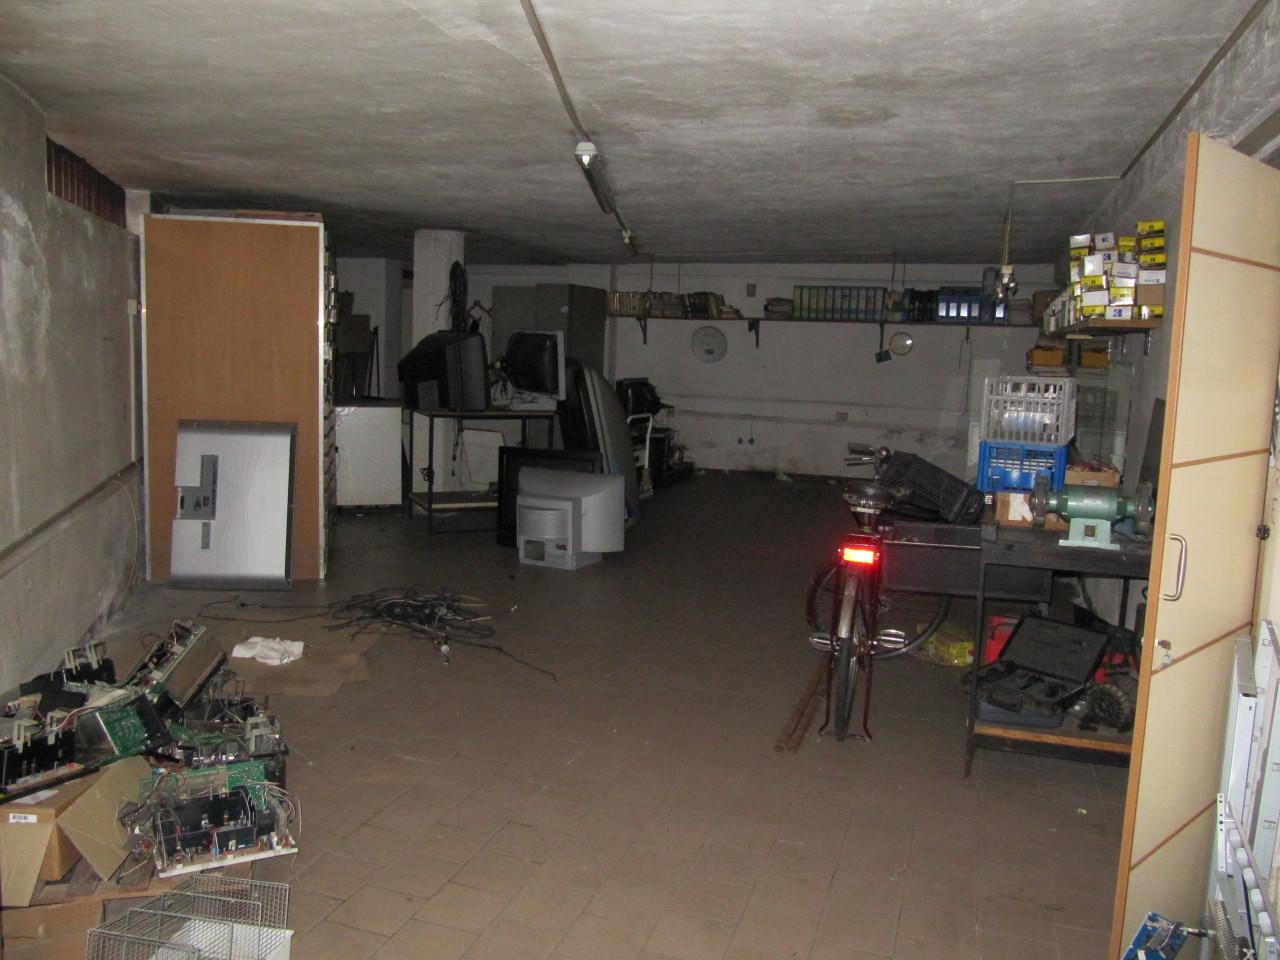 Laboratorio in vendita a Parma, 1 locali, prezzo € 69.000 | Cambio Casa.it